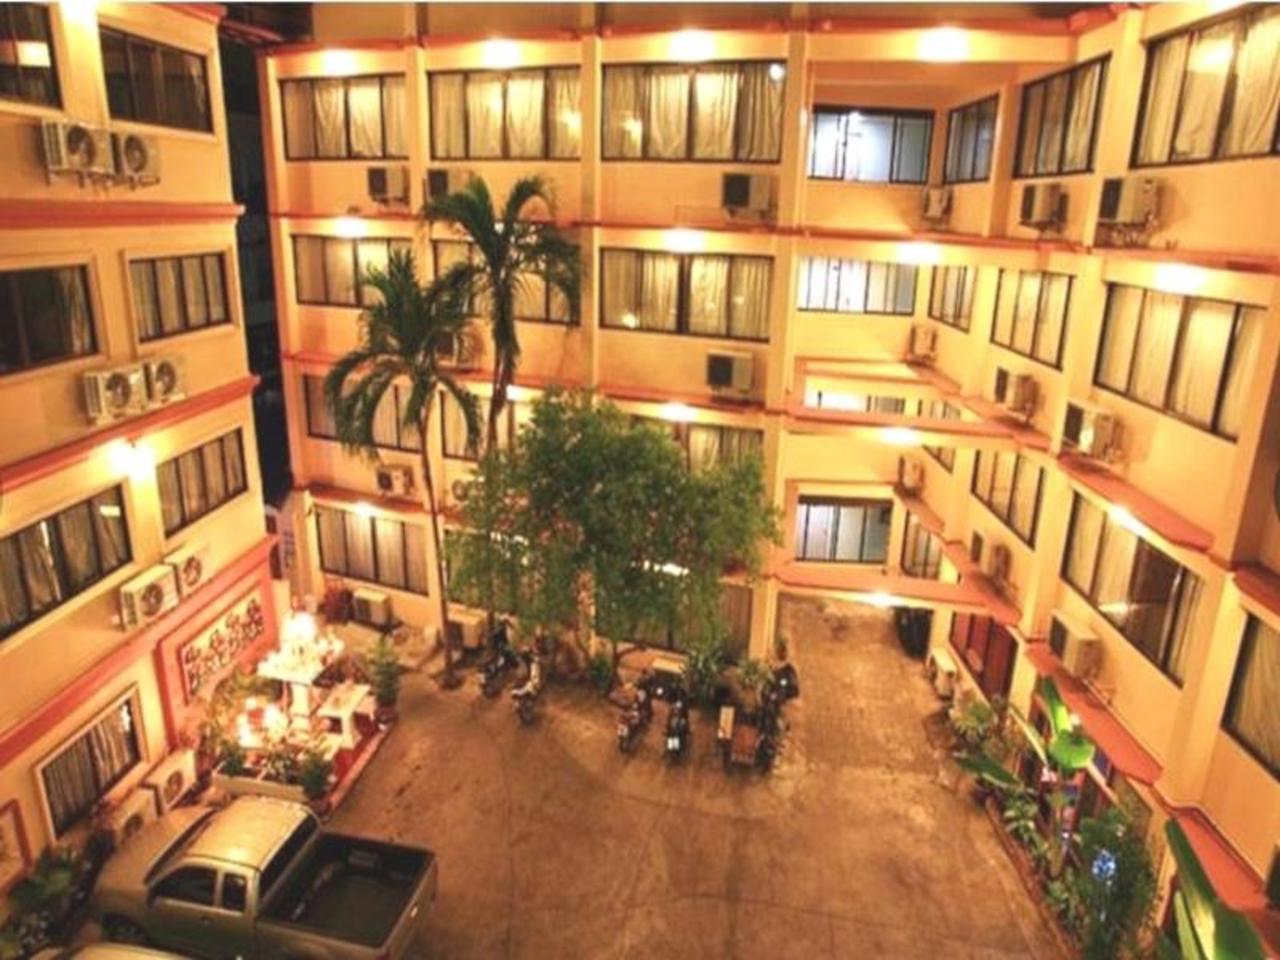 ดรีม โฮเต็ล พัทยา (Dream Hotel Pattaya)